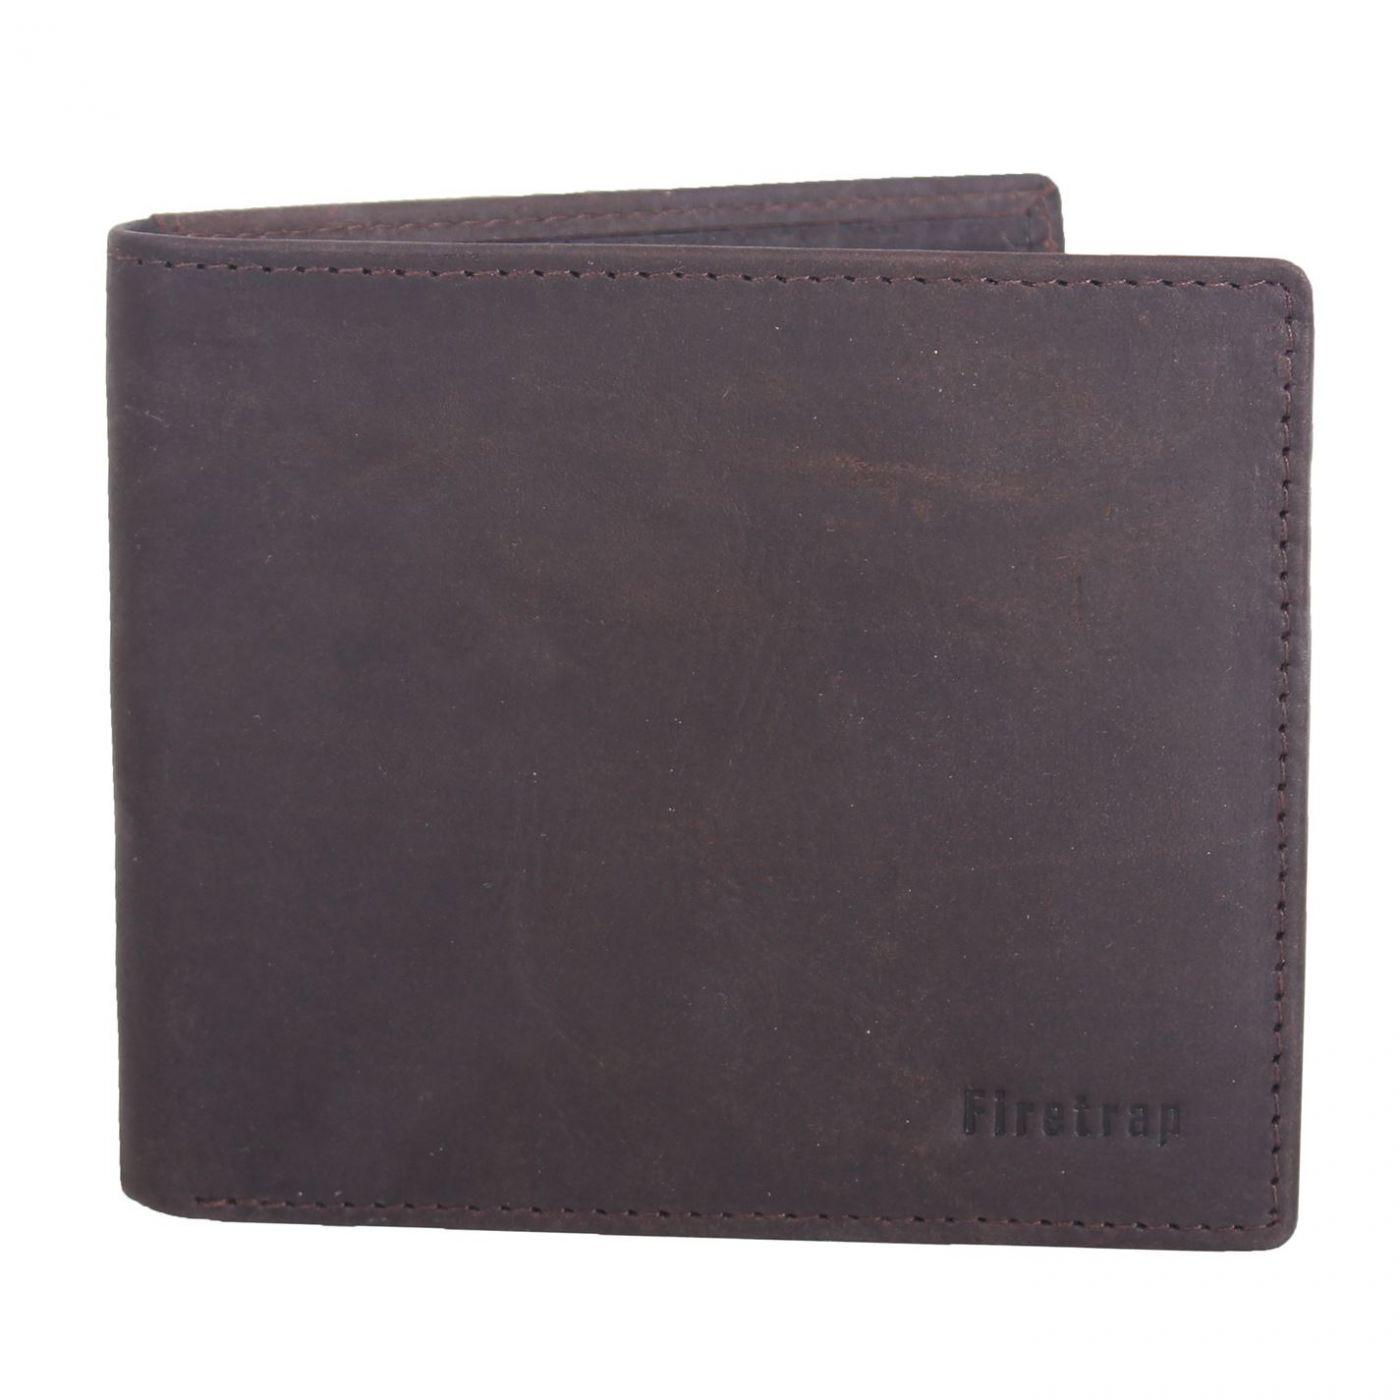 Firetrap Classic Wallet